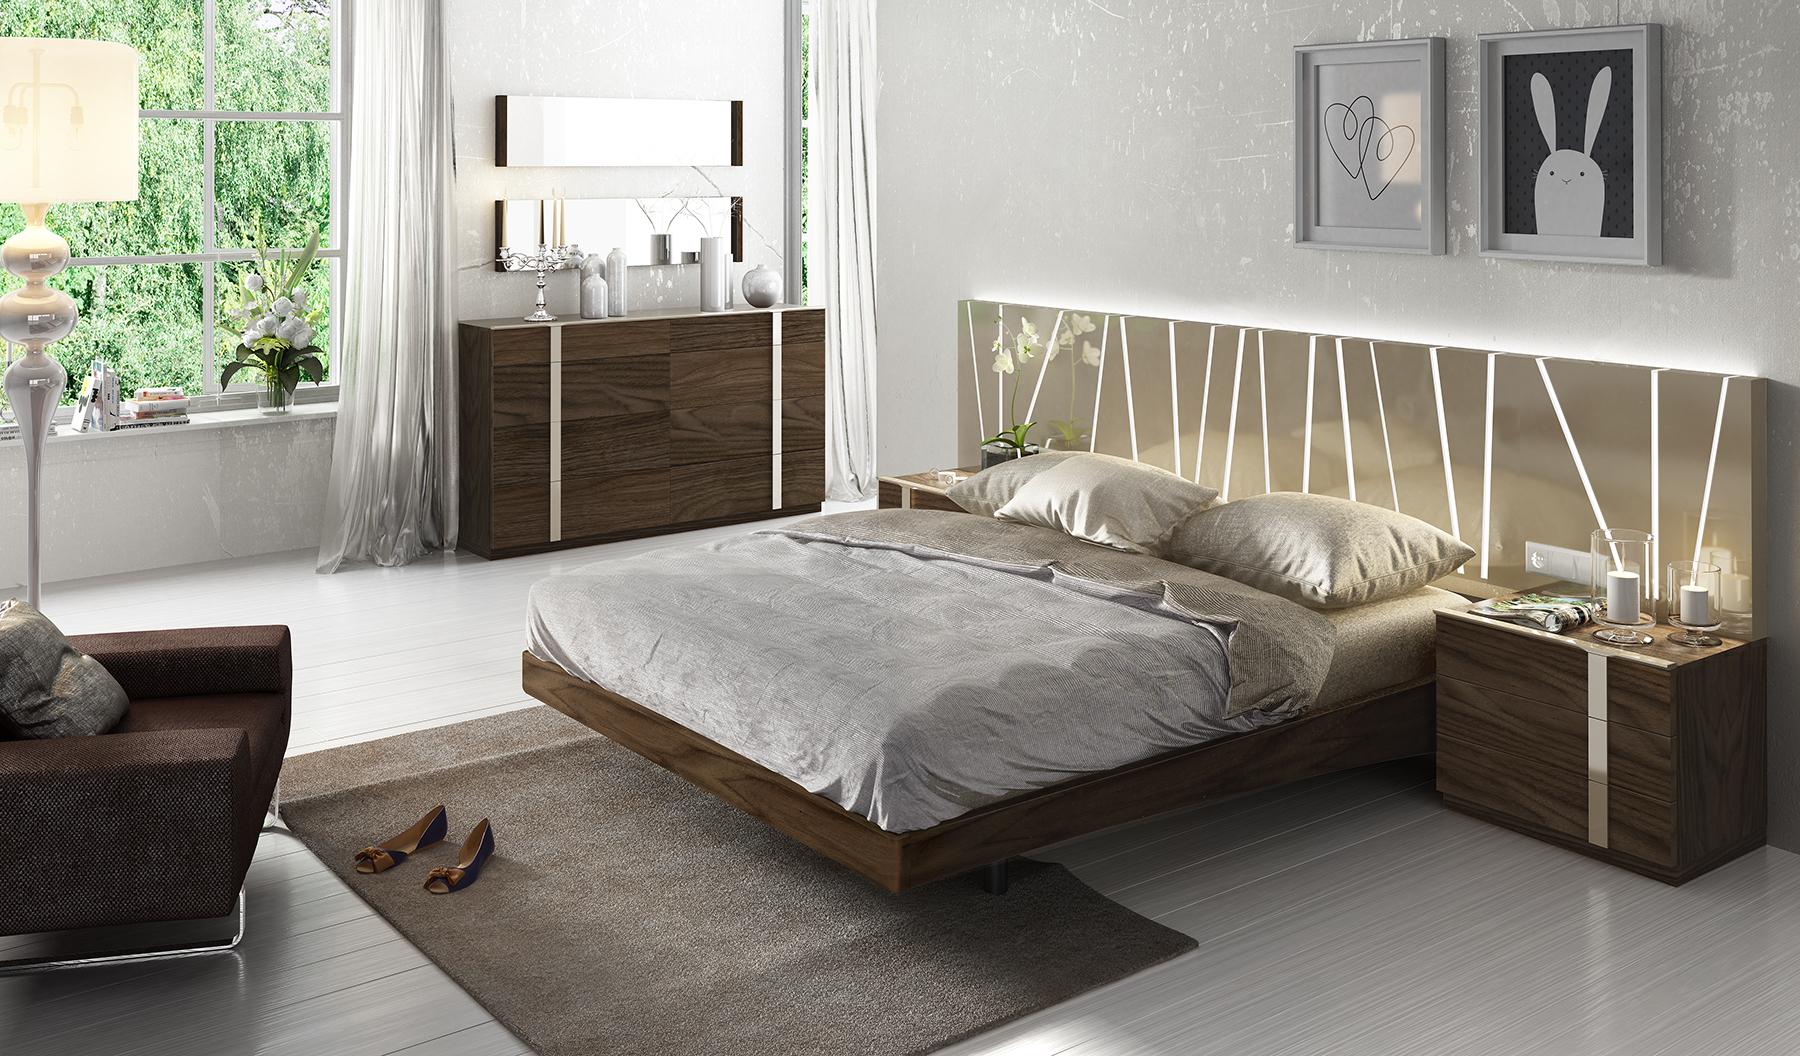 Designer Luxury Bedroom: Exclusive Wood Luxury Bedroom Set Feat Light Dallas Texas